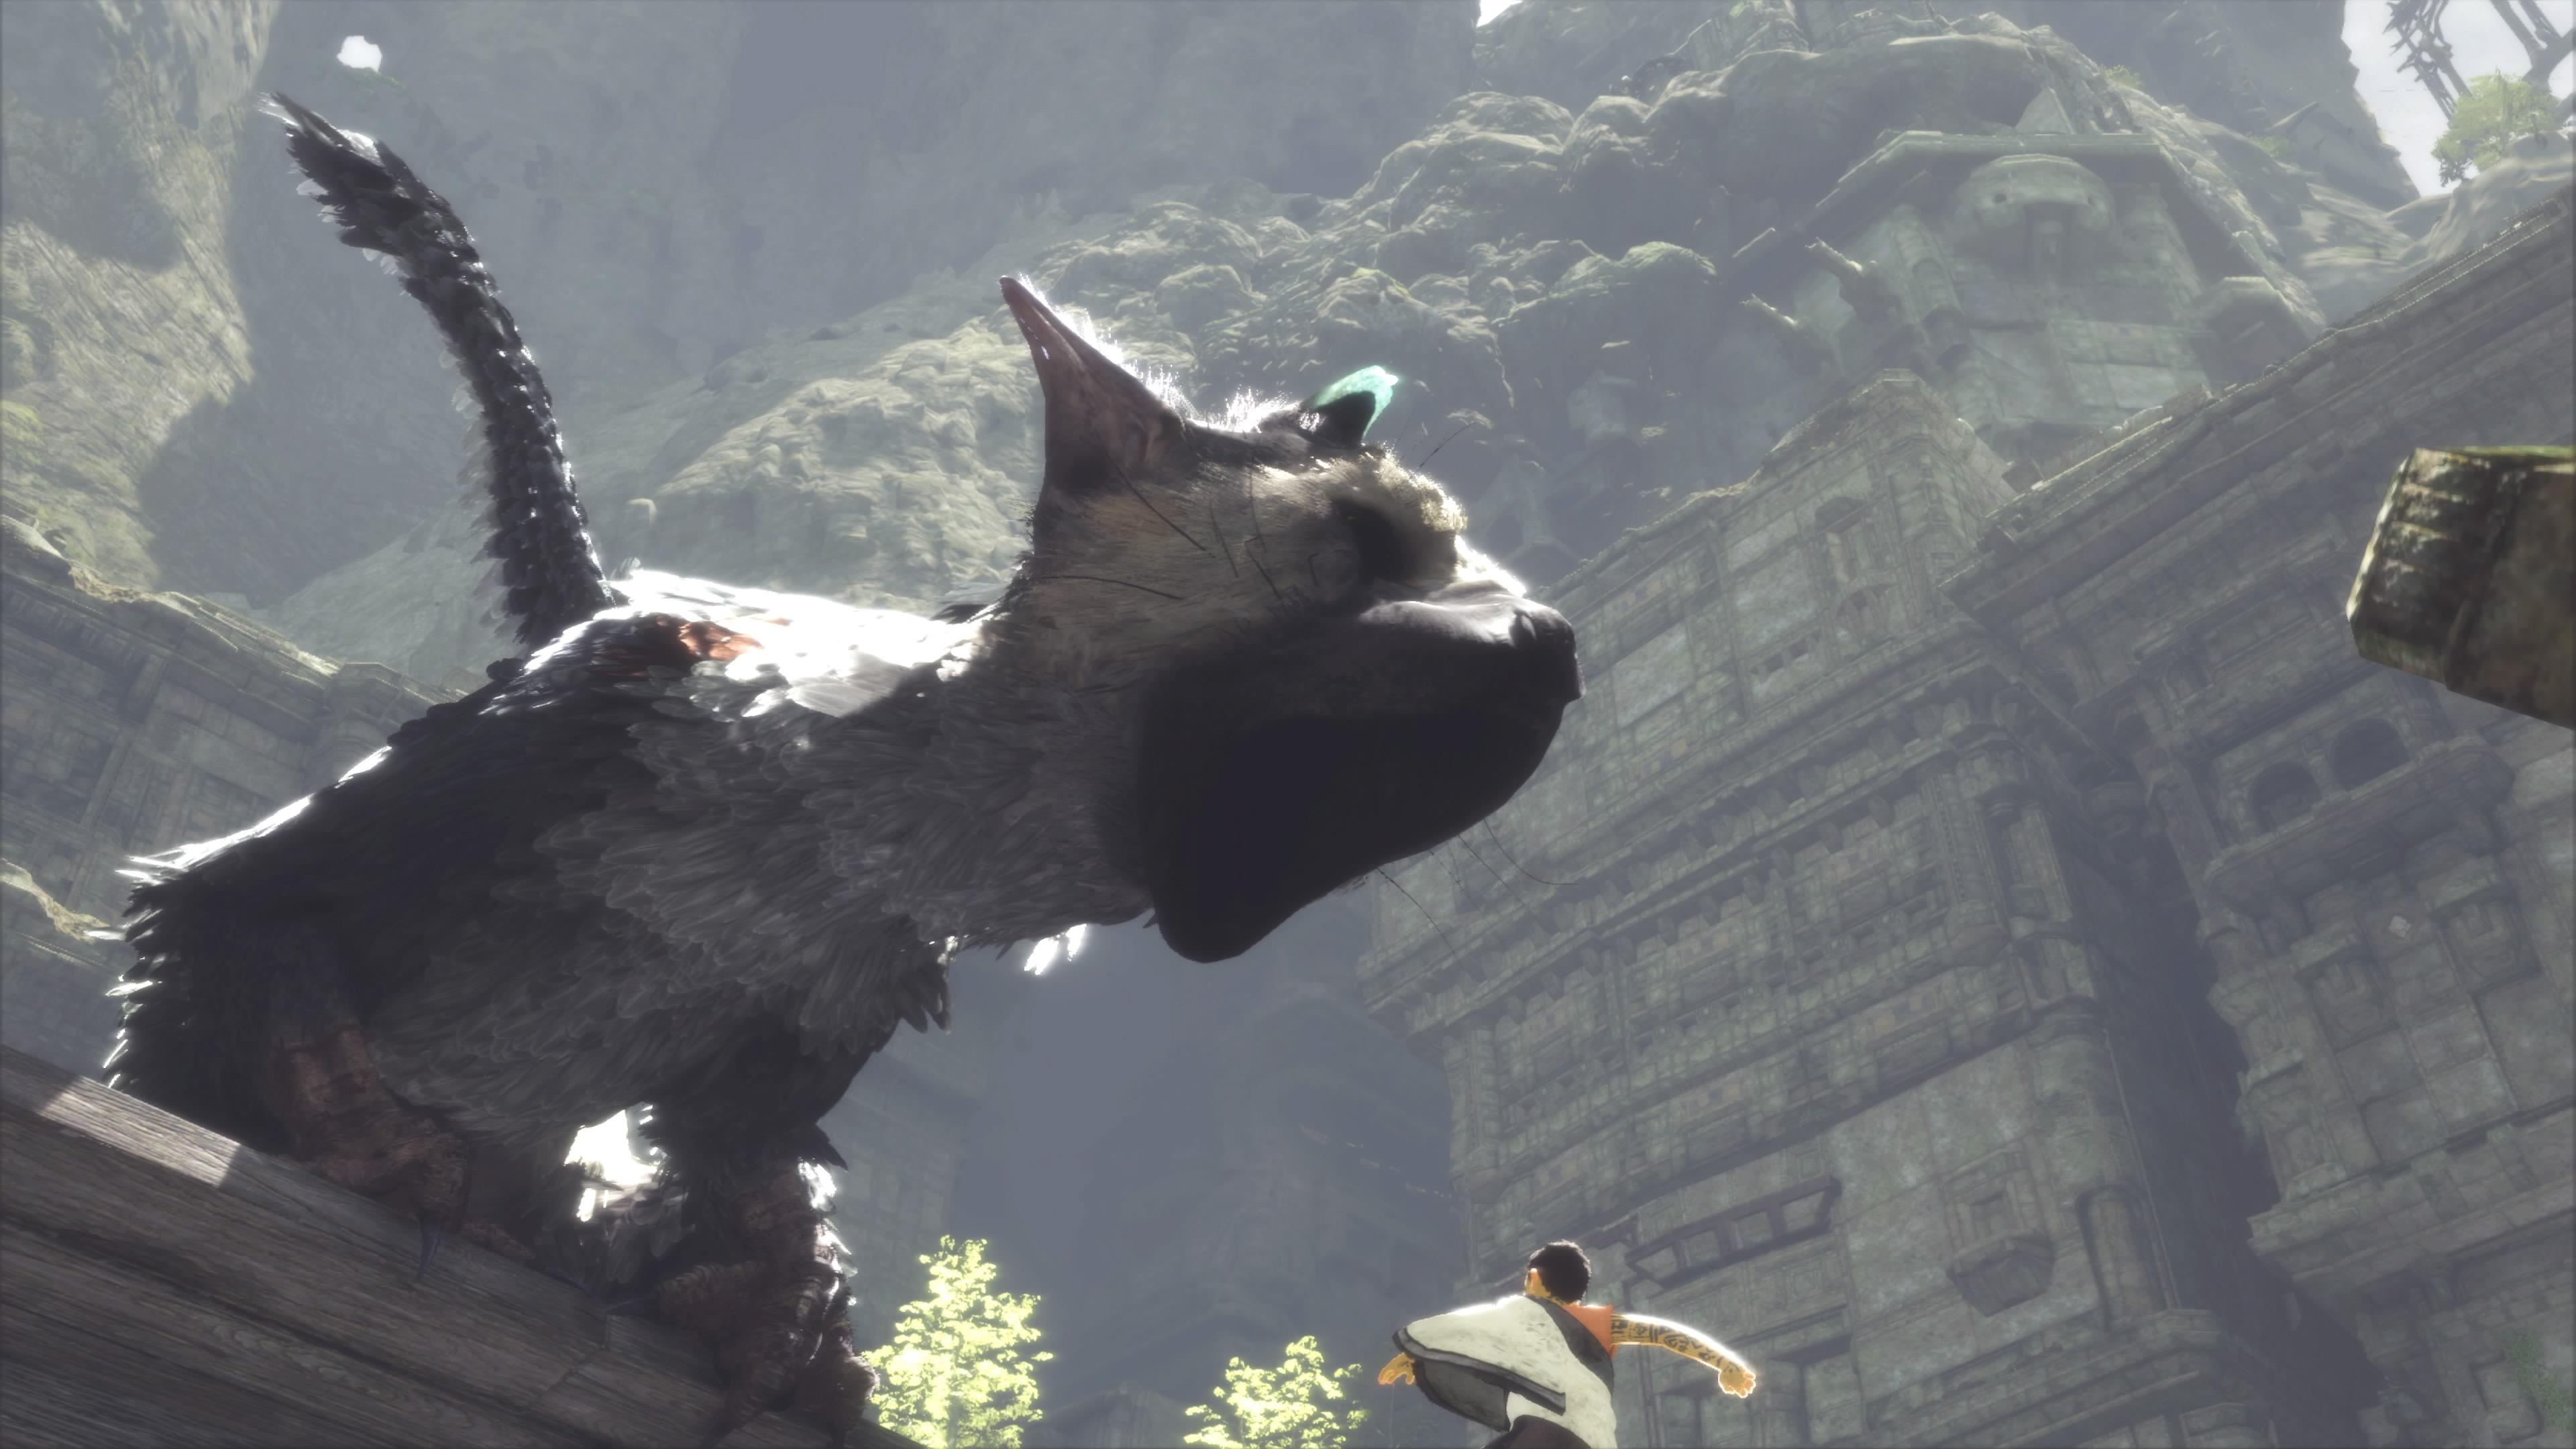 Trico z The Last Guardian wygląda niezwykle szczegółowo! Może nawet… za bardzo